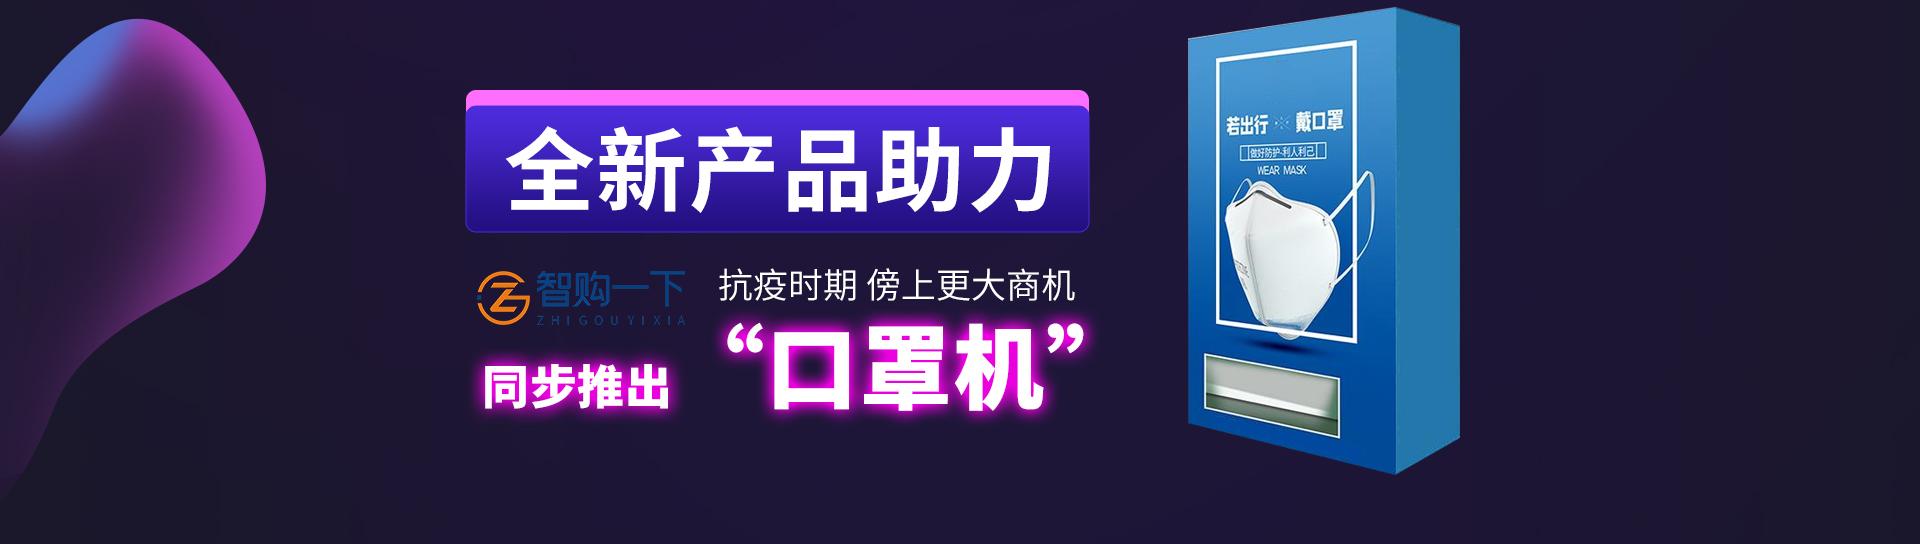 智購情趣生活館zg_06